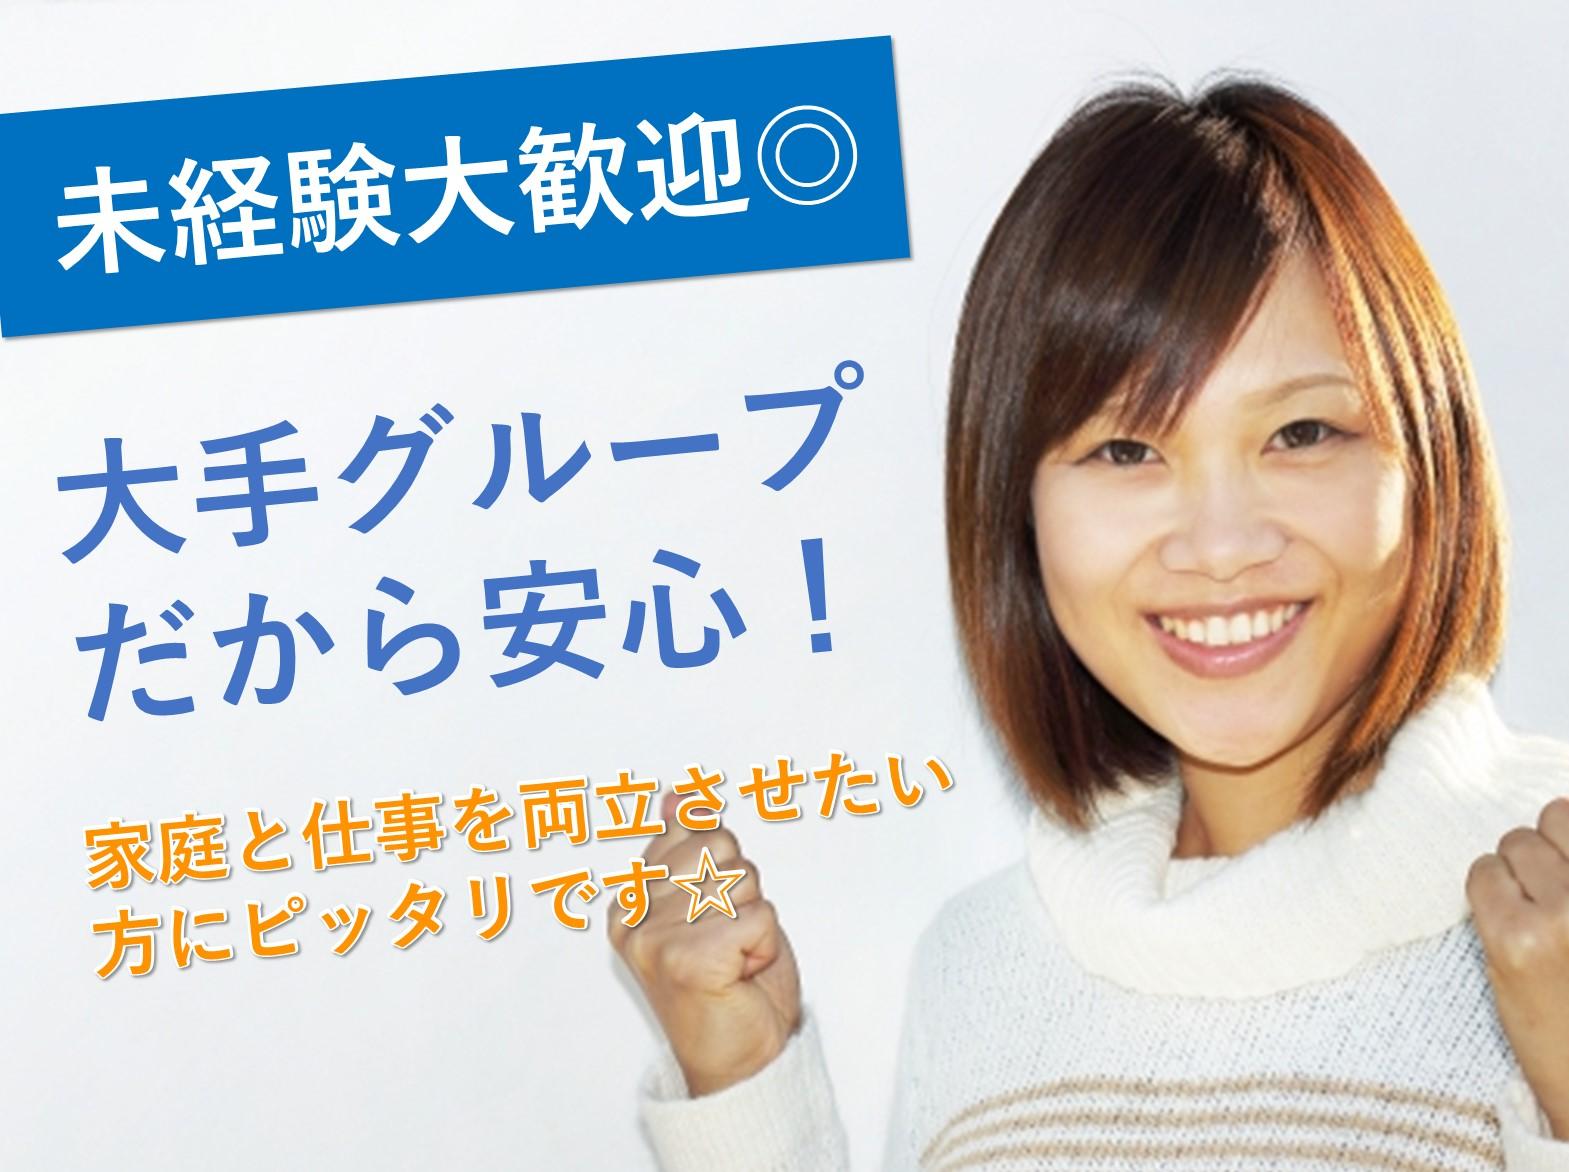 【名古屋市】未経験OK!ハウスクリーニング業務!【パート】 イメージ